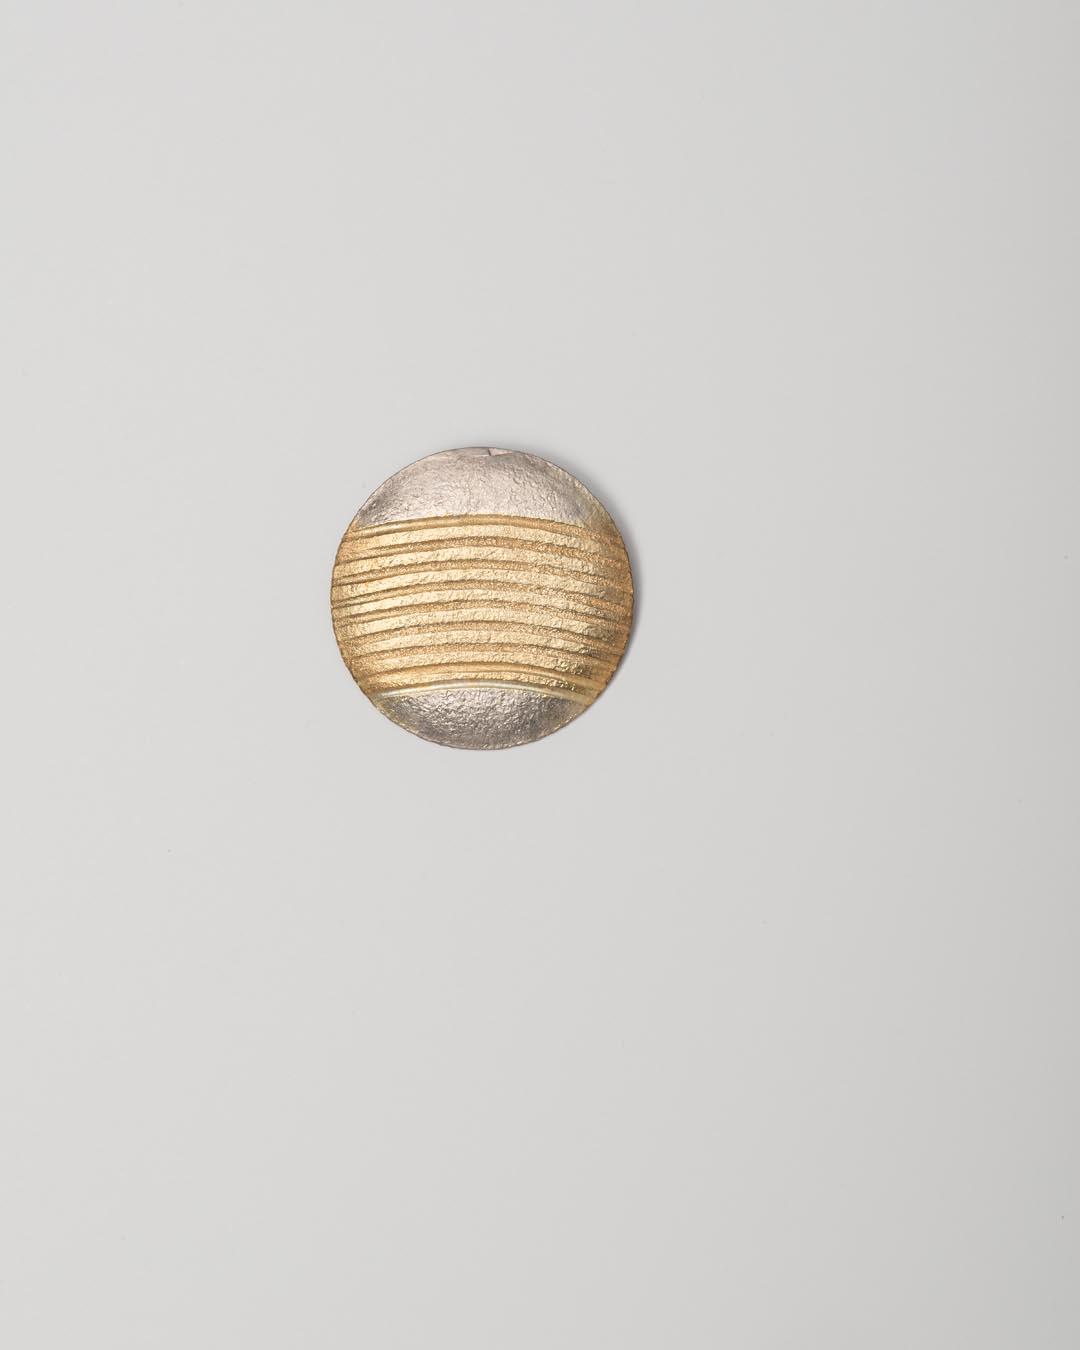 Yasuki Hiramatsu, untitled, brooch; gold-plated silver, ø 36 x 2 mm, €750